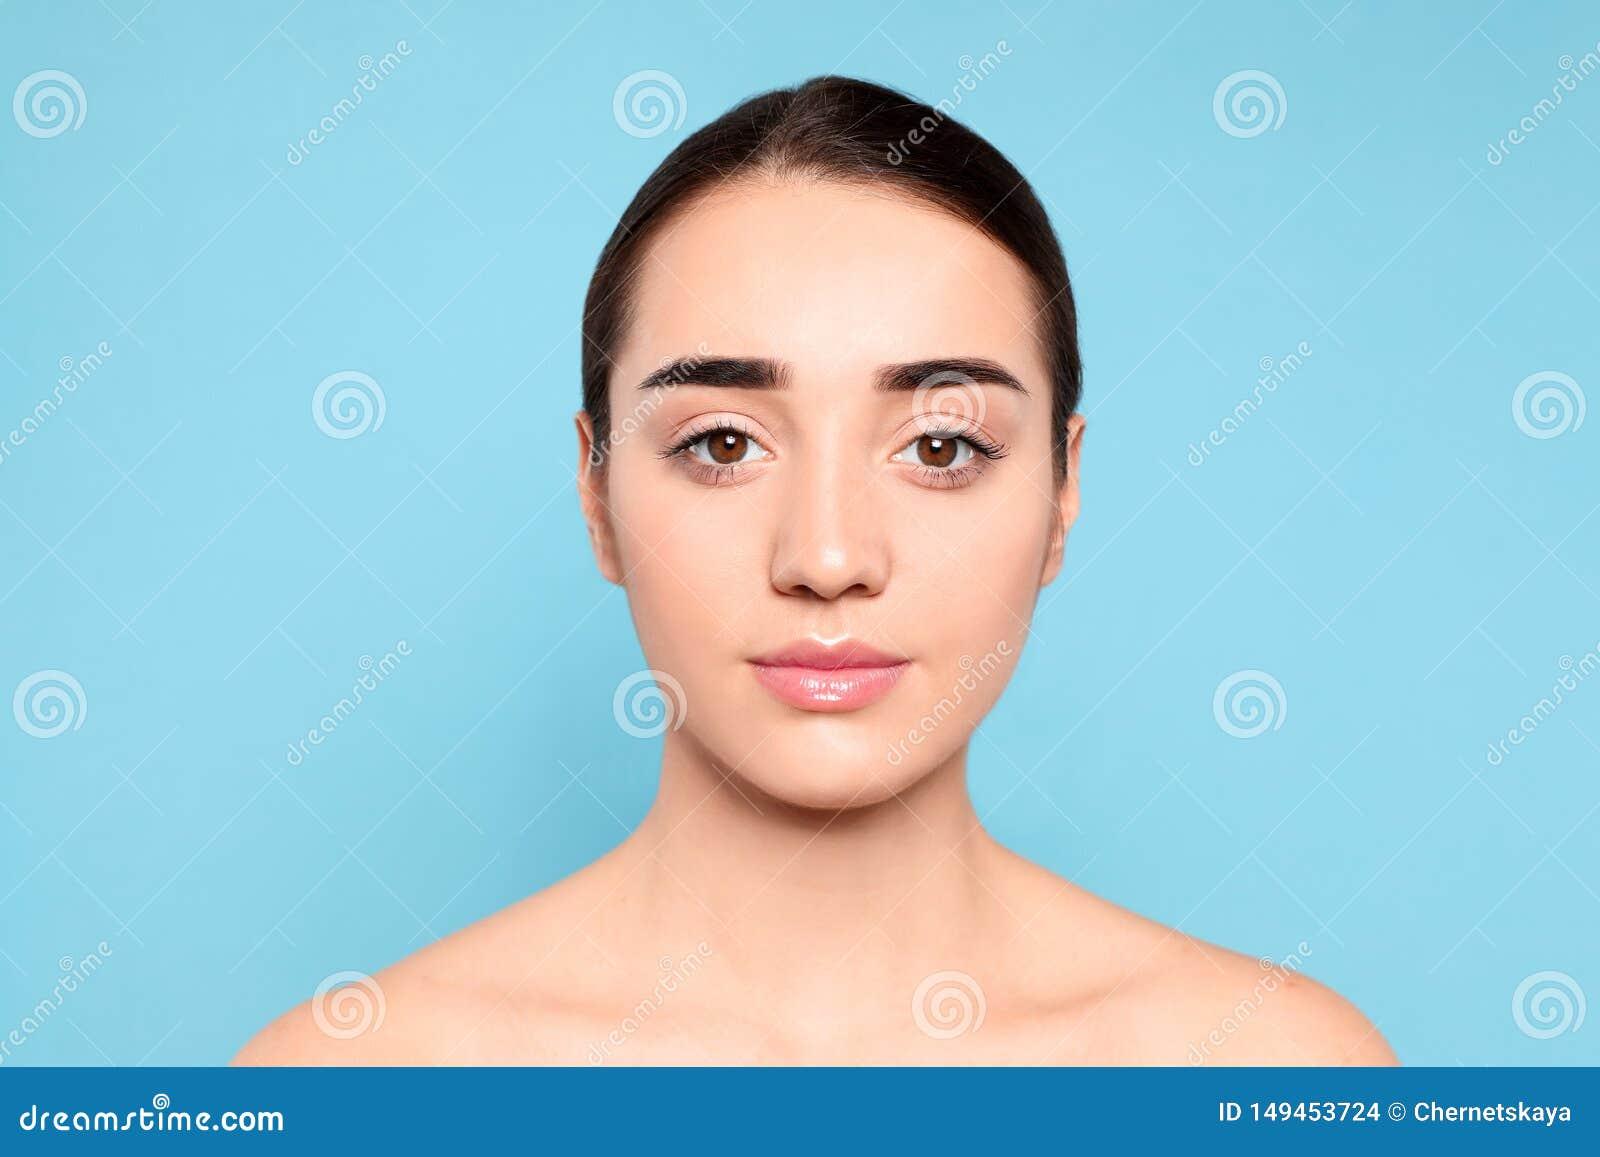 Πορτρέτο της νέας γυναίκας με το όμορφο πρόσωπο